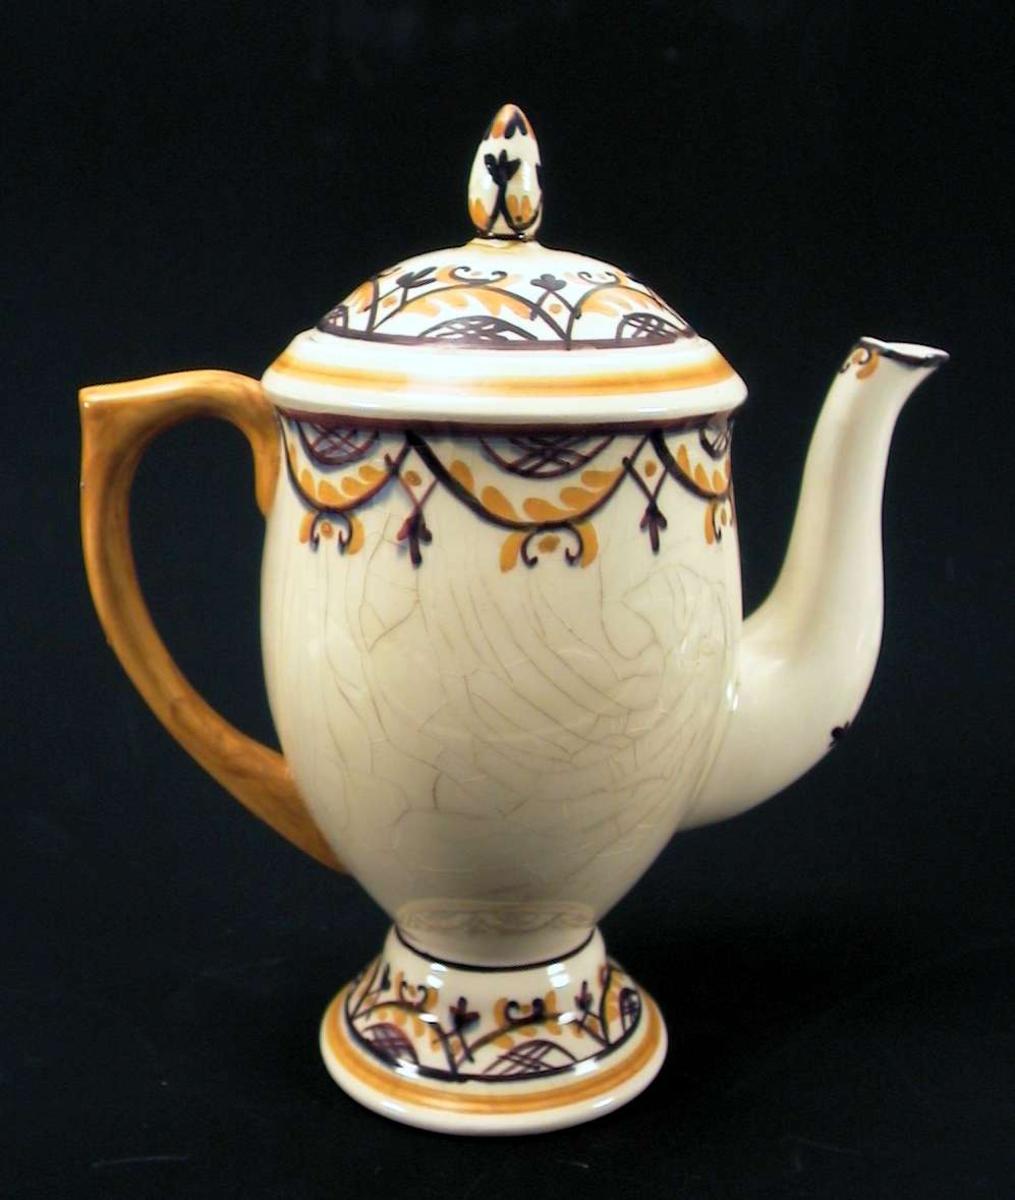 Kaffekanne med lokk i lys gul fajanse med håndmalt dekor i lilla og oker. Glasuren er krakelert på kannens korpus. Lokkgrepet er limt på.